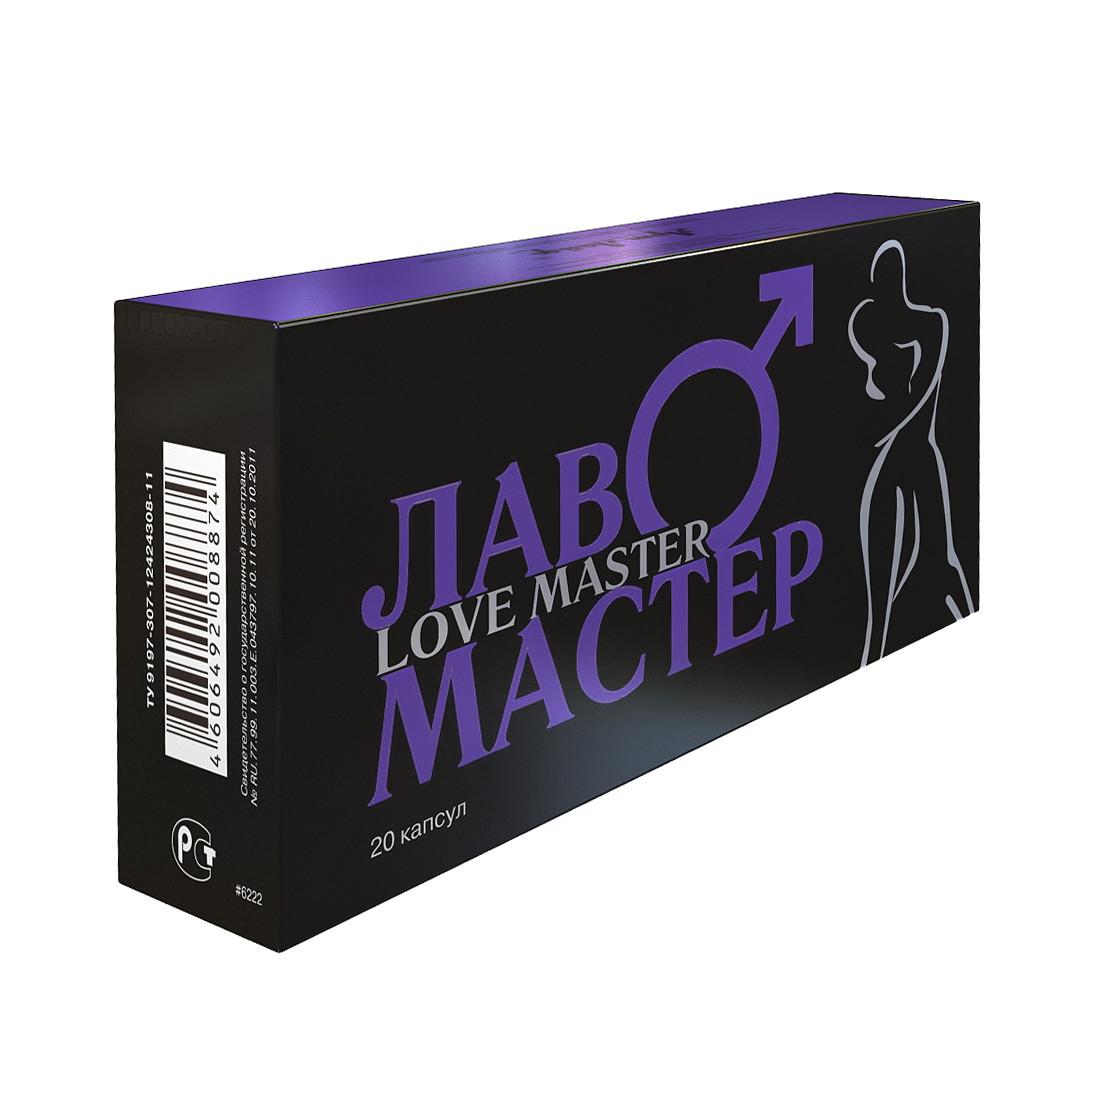 Love Master (Лав Мастер), 20 капсул «АртЛайф» (6222) Биологически активная добавка